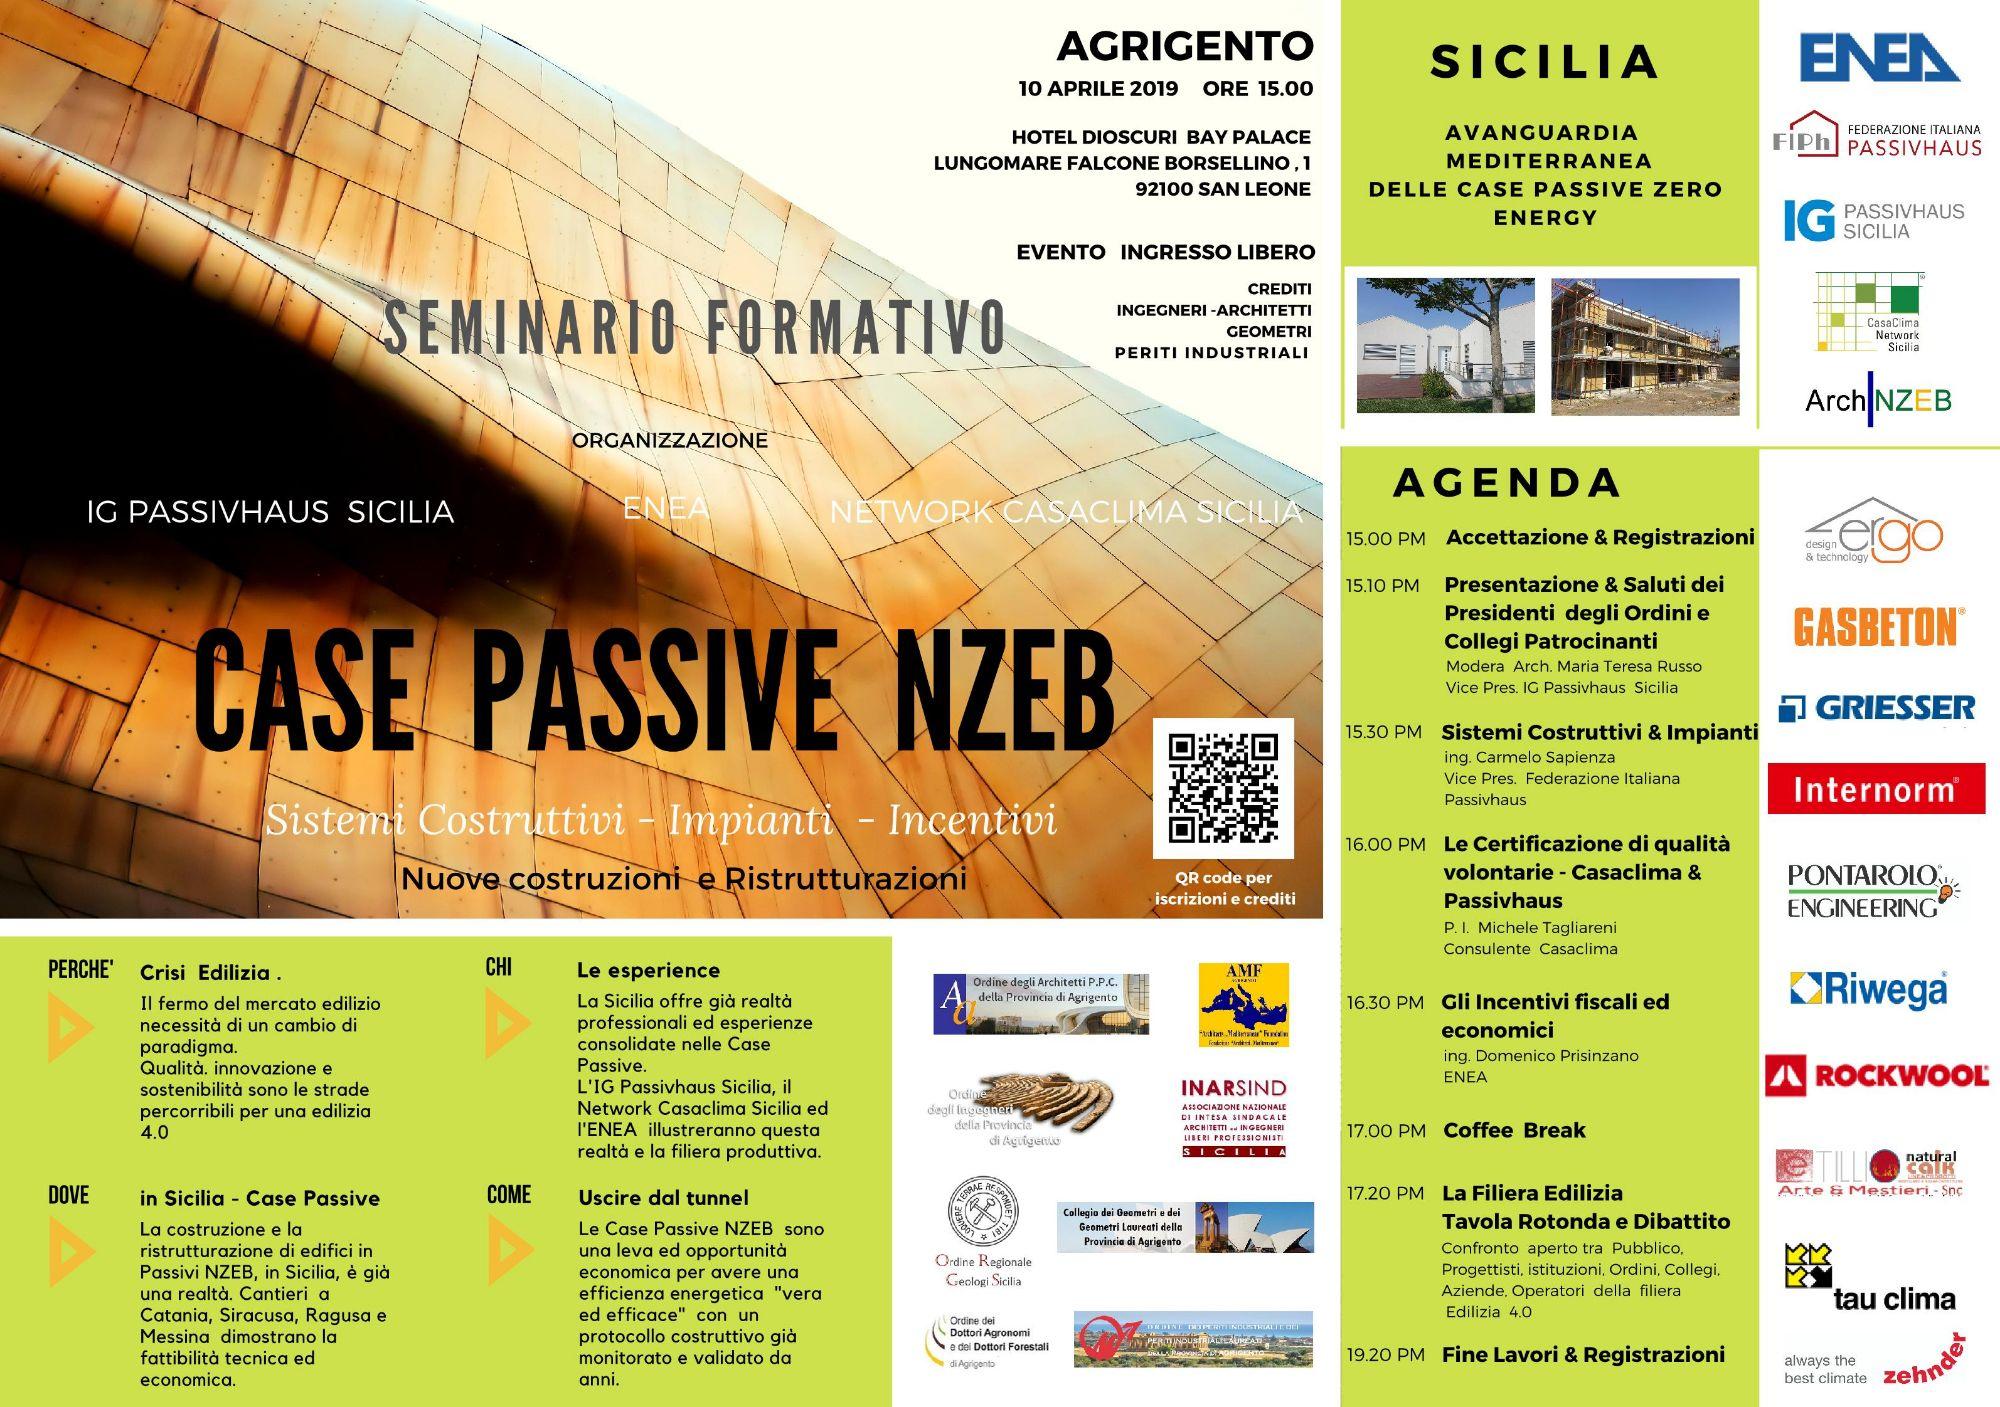 AG - CASE Passive Zero Energy - Incontro Convegno ad Agrigento - 10 Aprile 2019